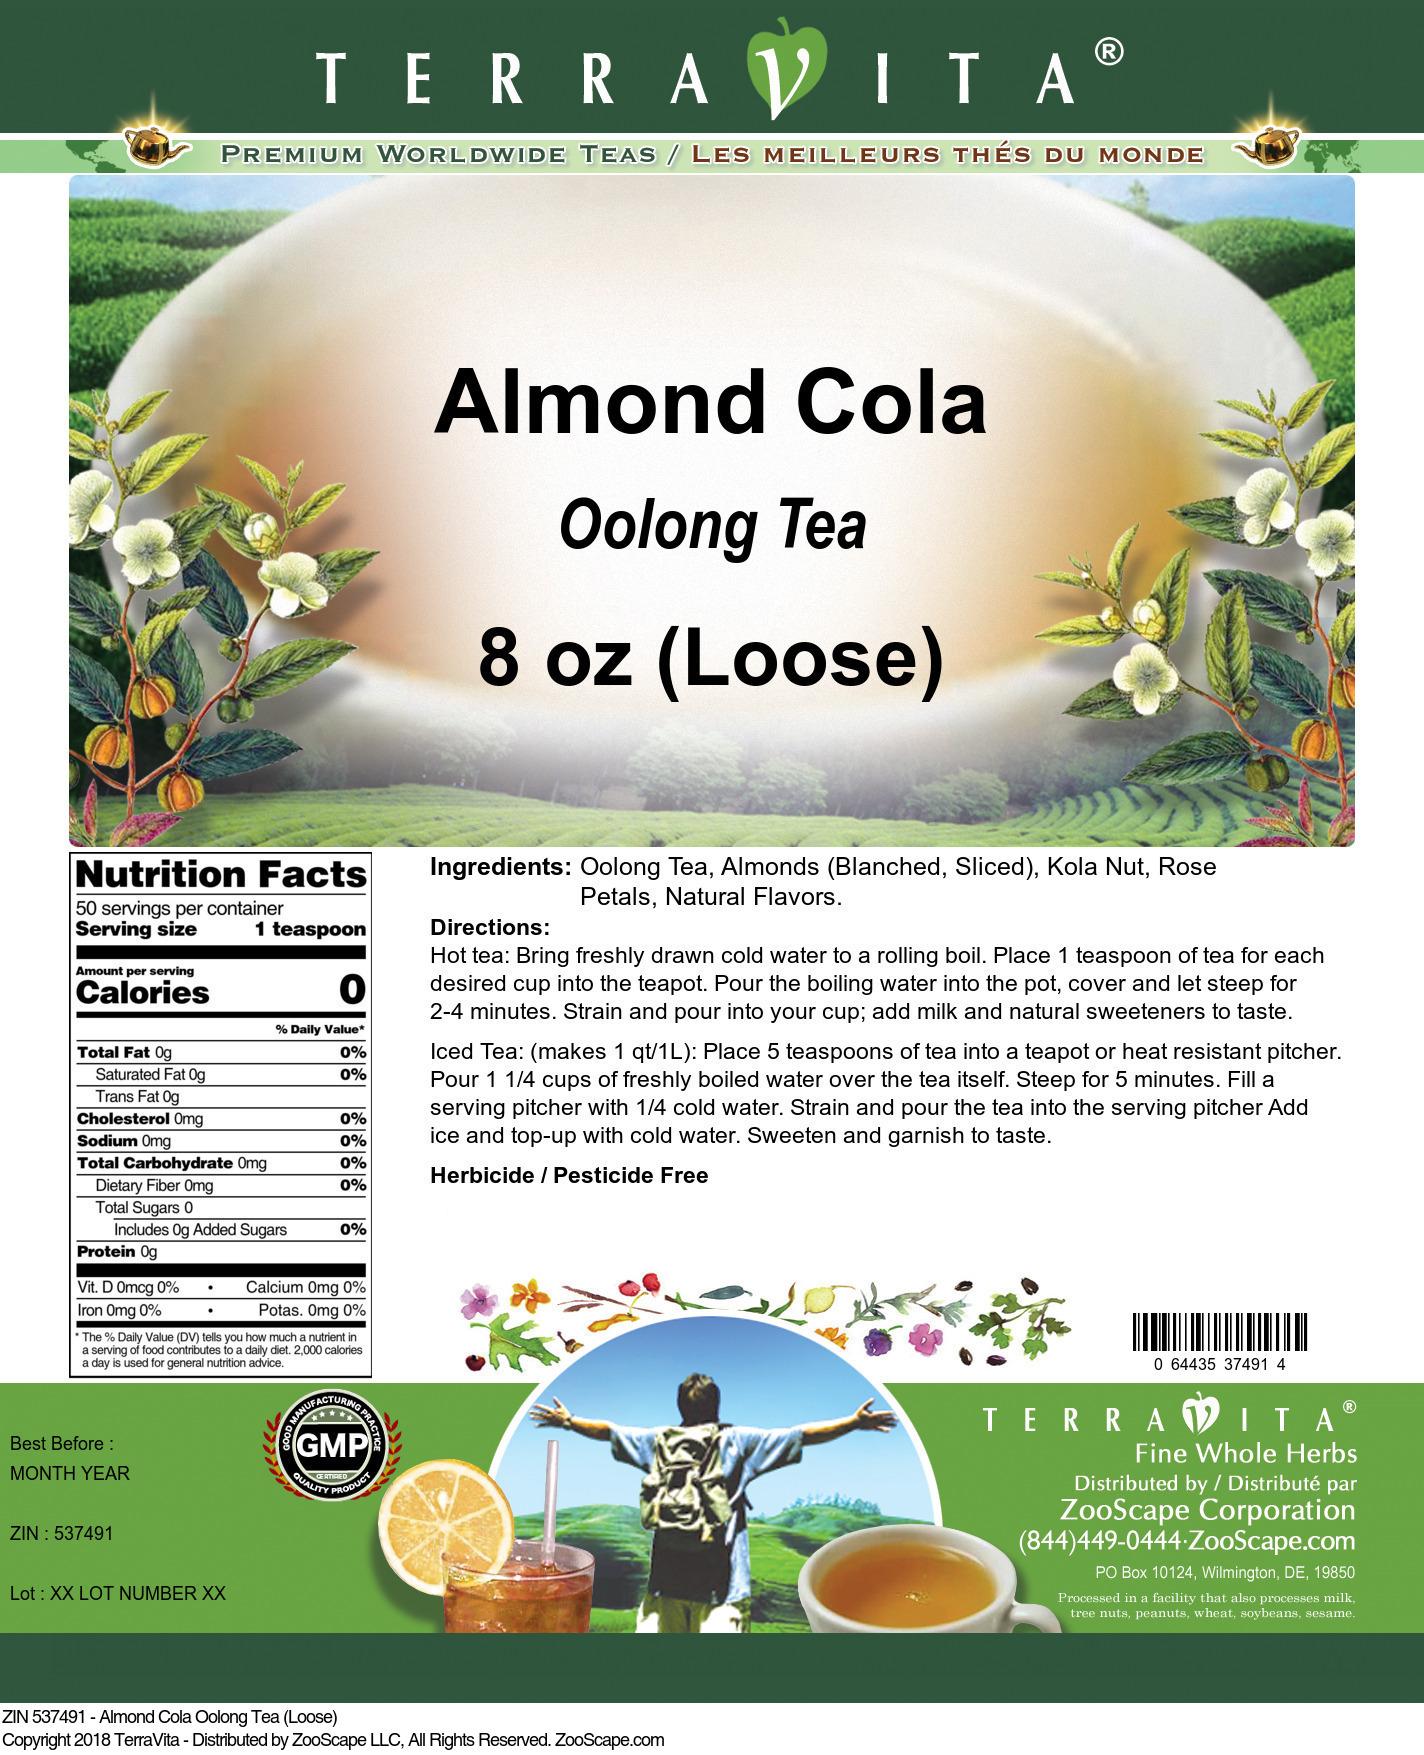 Almond Cola Oolong Tea (Loose)